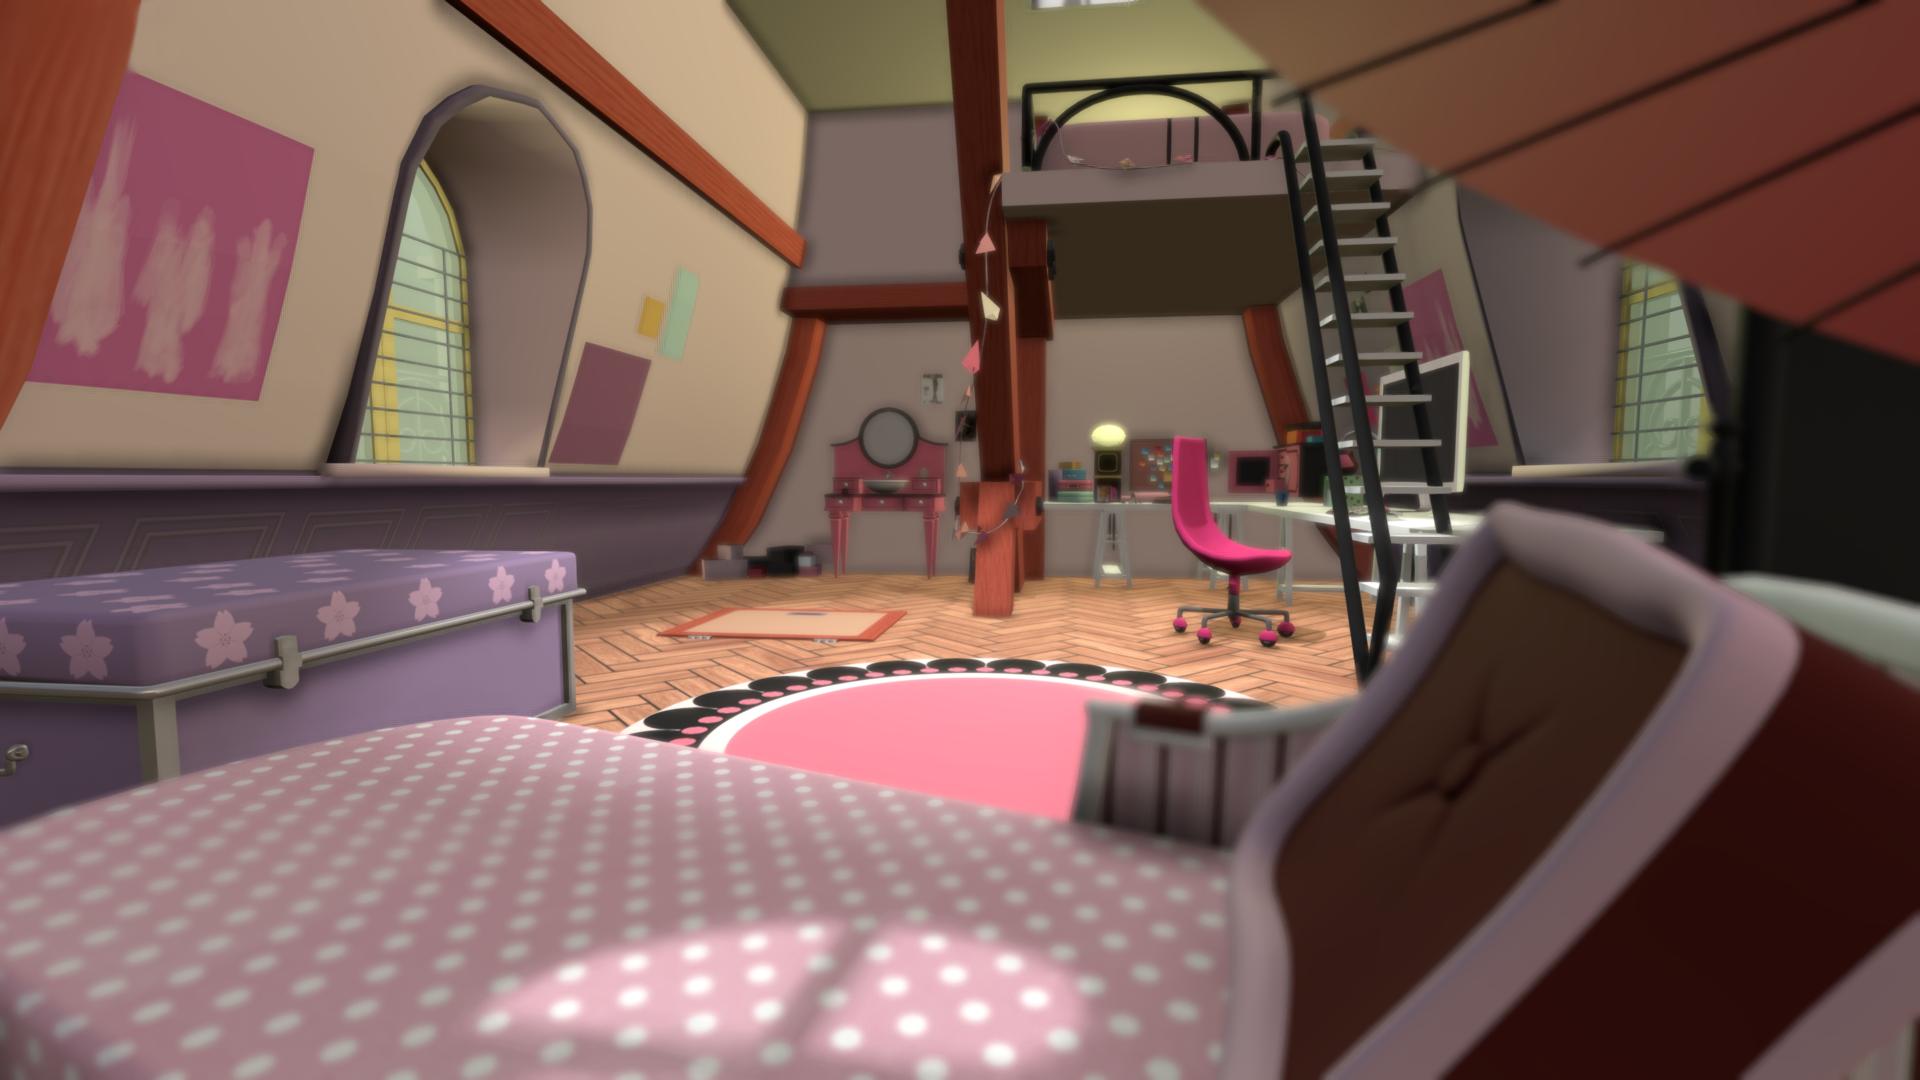 3D Marinette Ladybug room by MarikoSusie 3D Marinette Ladybug room by  MarikoSusie. 3D Marinette Ladybug room by MarikoSusie on DeviantArt